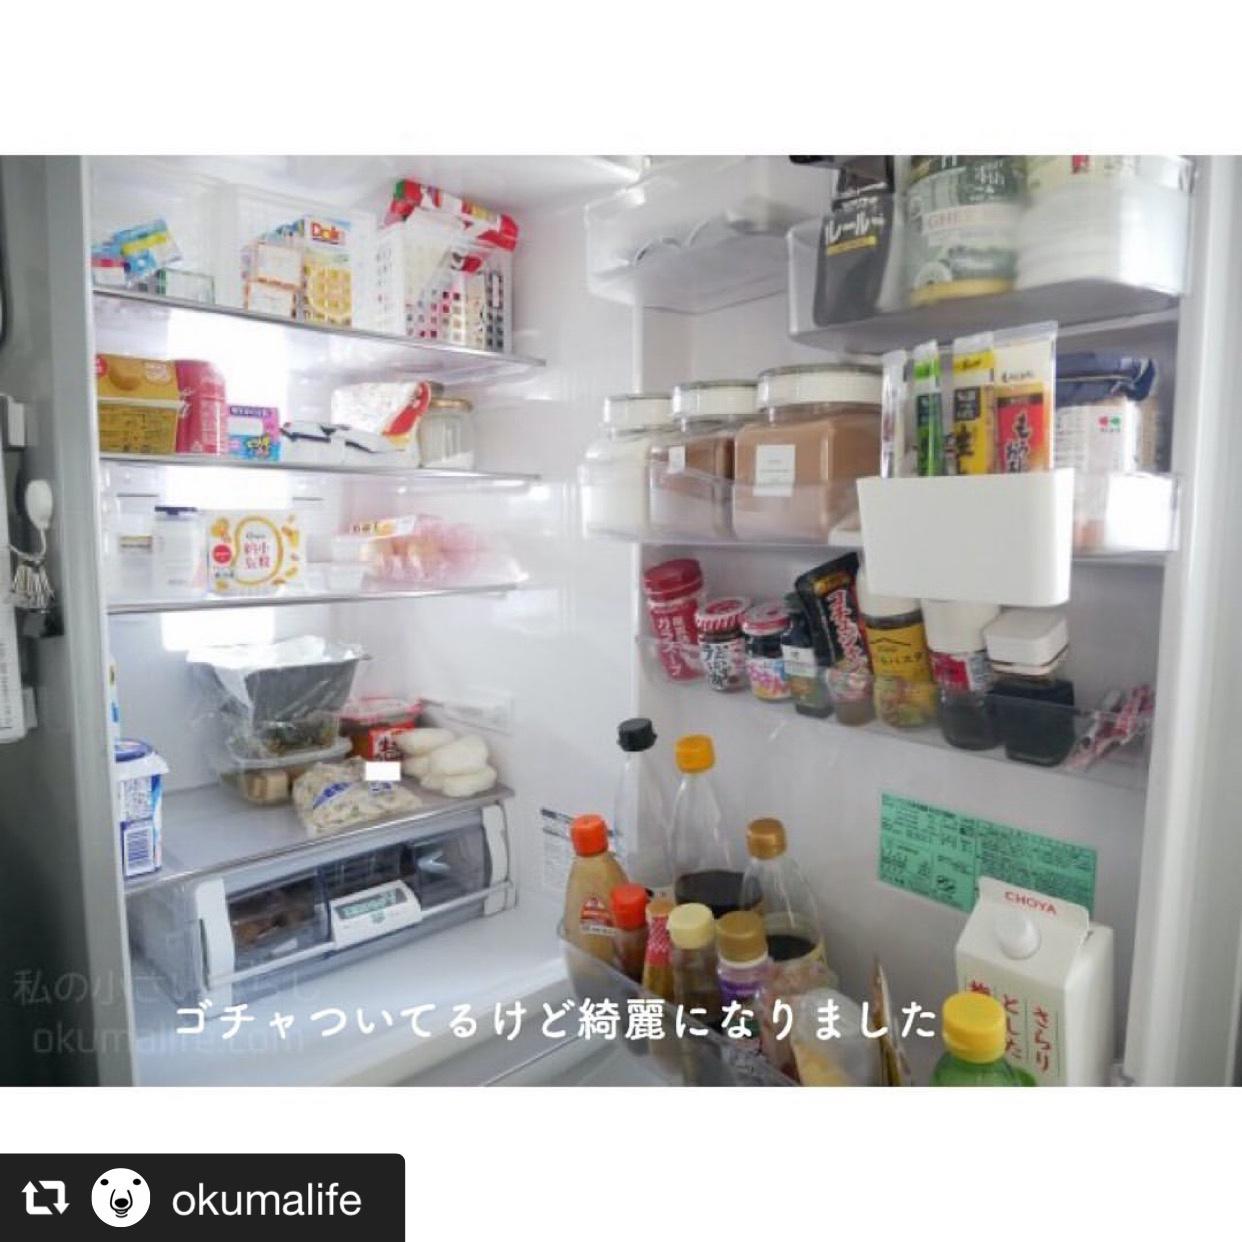 意外と汚れてる! 半年ぶりの冷蔵庫掃除 画像2